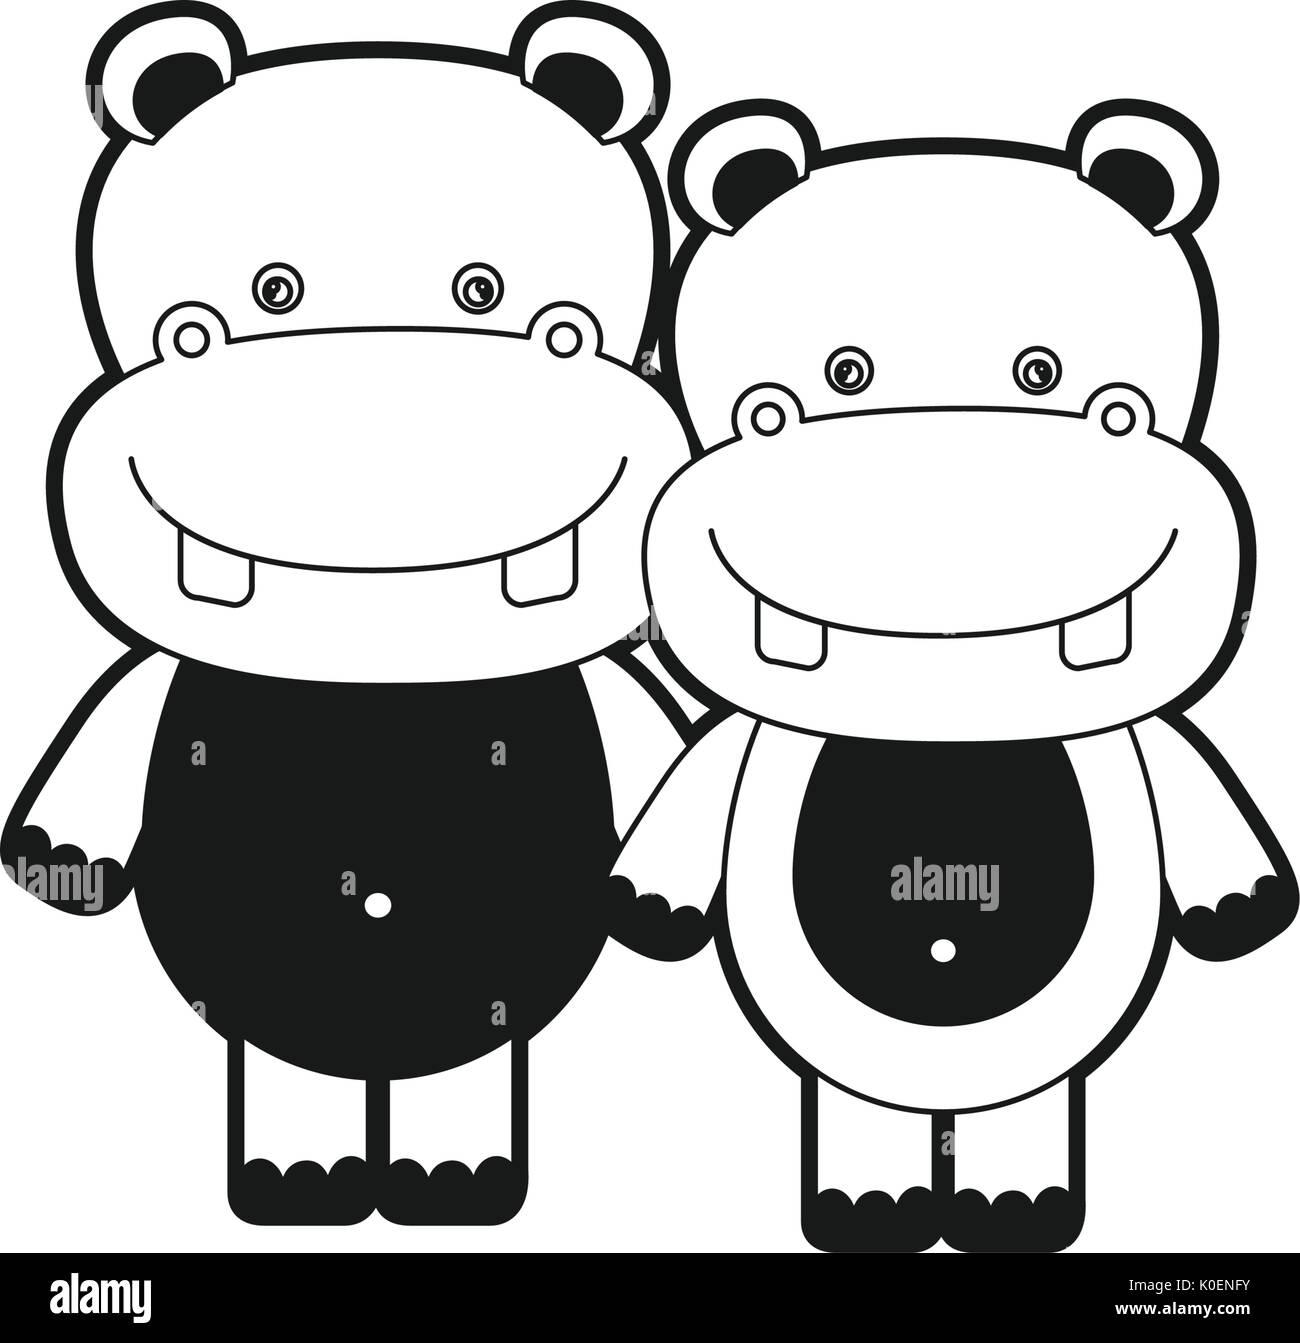 Silhouette Dessin Caricature Monochrome Animal Mignon Couple D